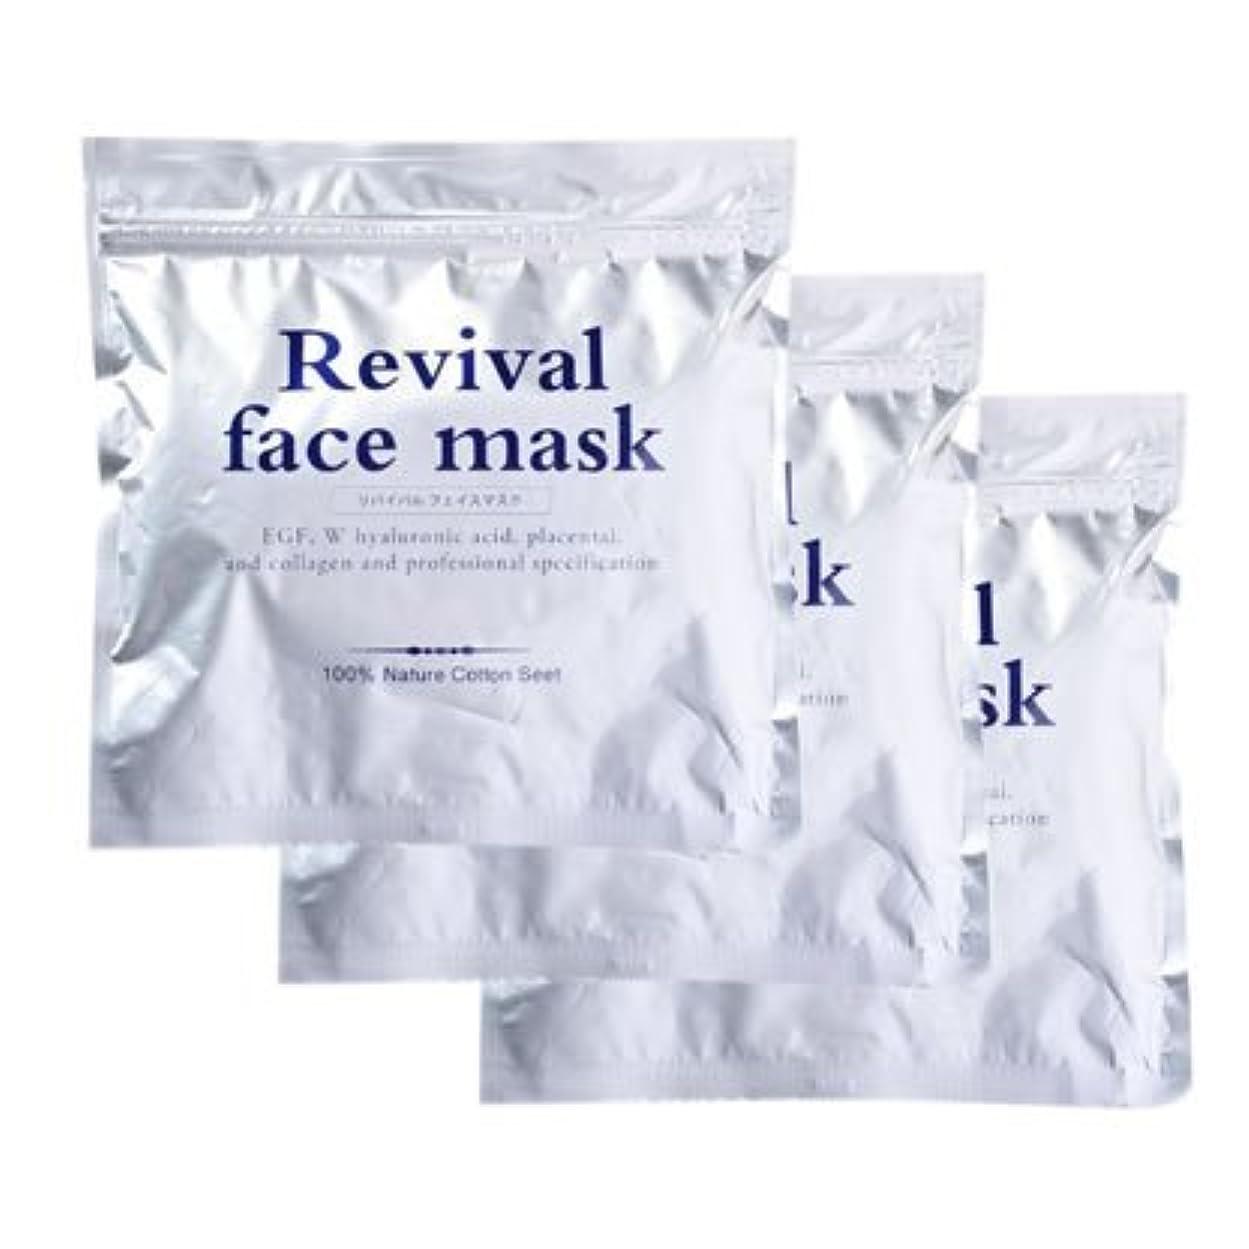 信じられない規則性不安リバイバルフェイスマスク 90枚セット(30枚×3袋)